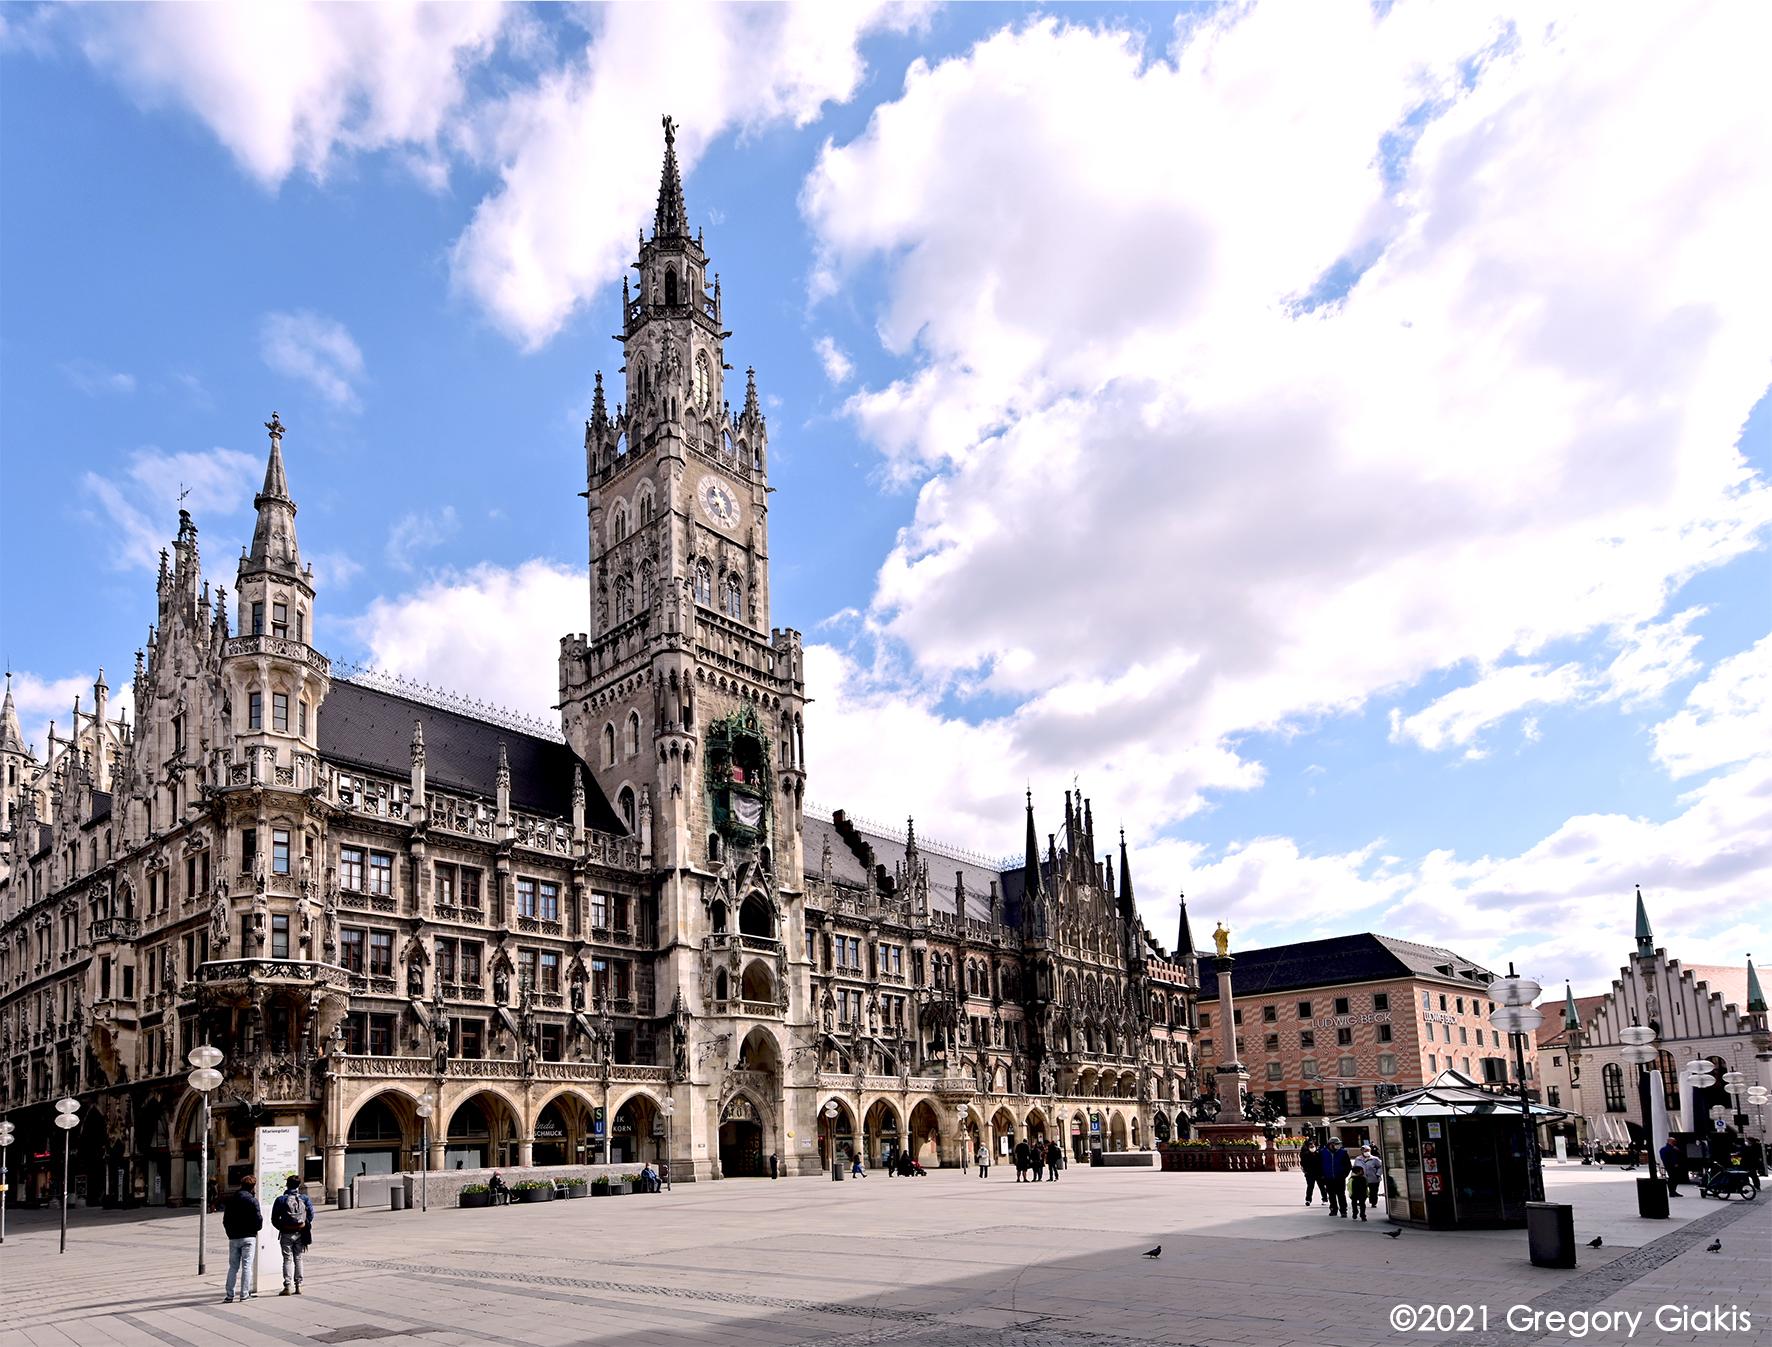 Βαυαρία: Νέες αποφάσεις για χαλάρωση μέτρων